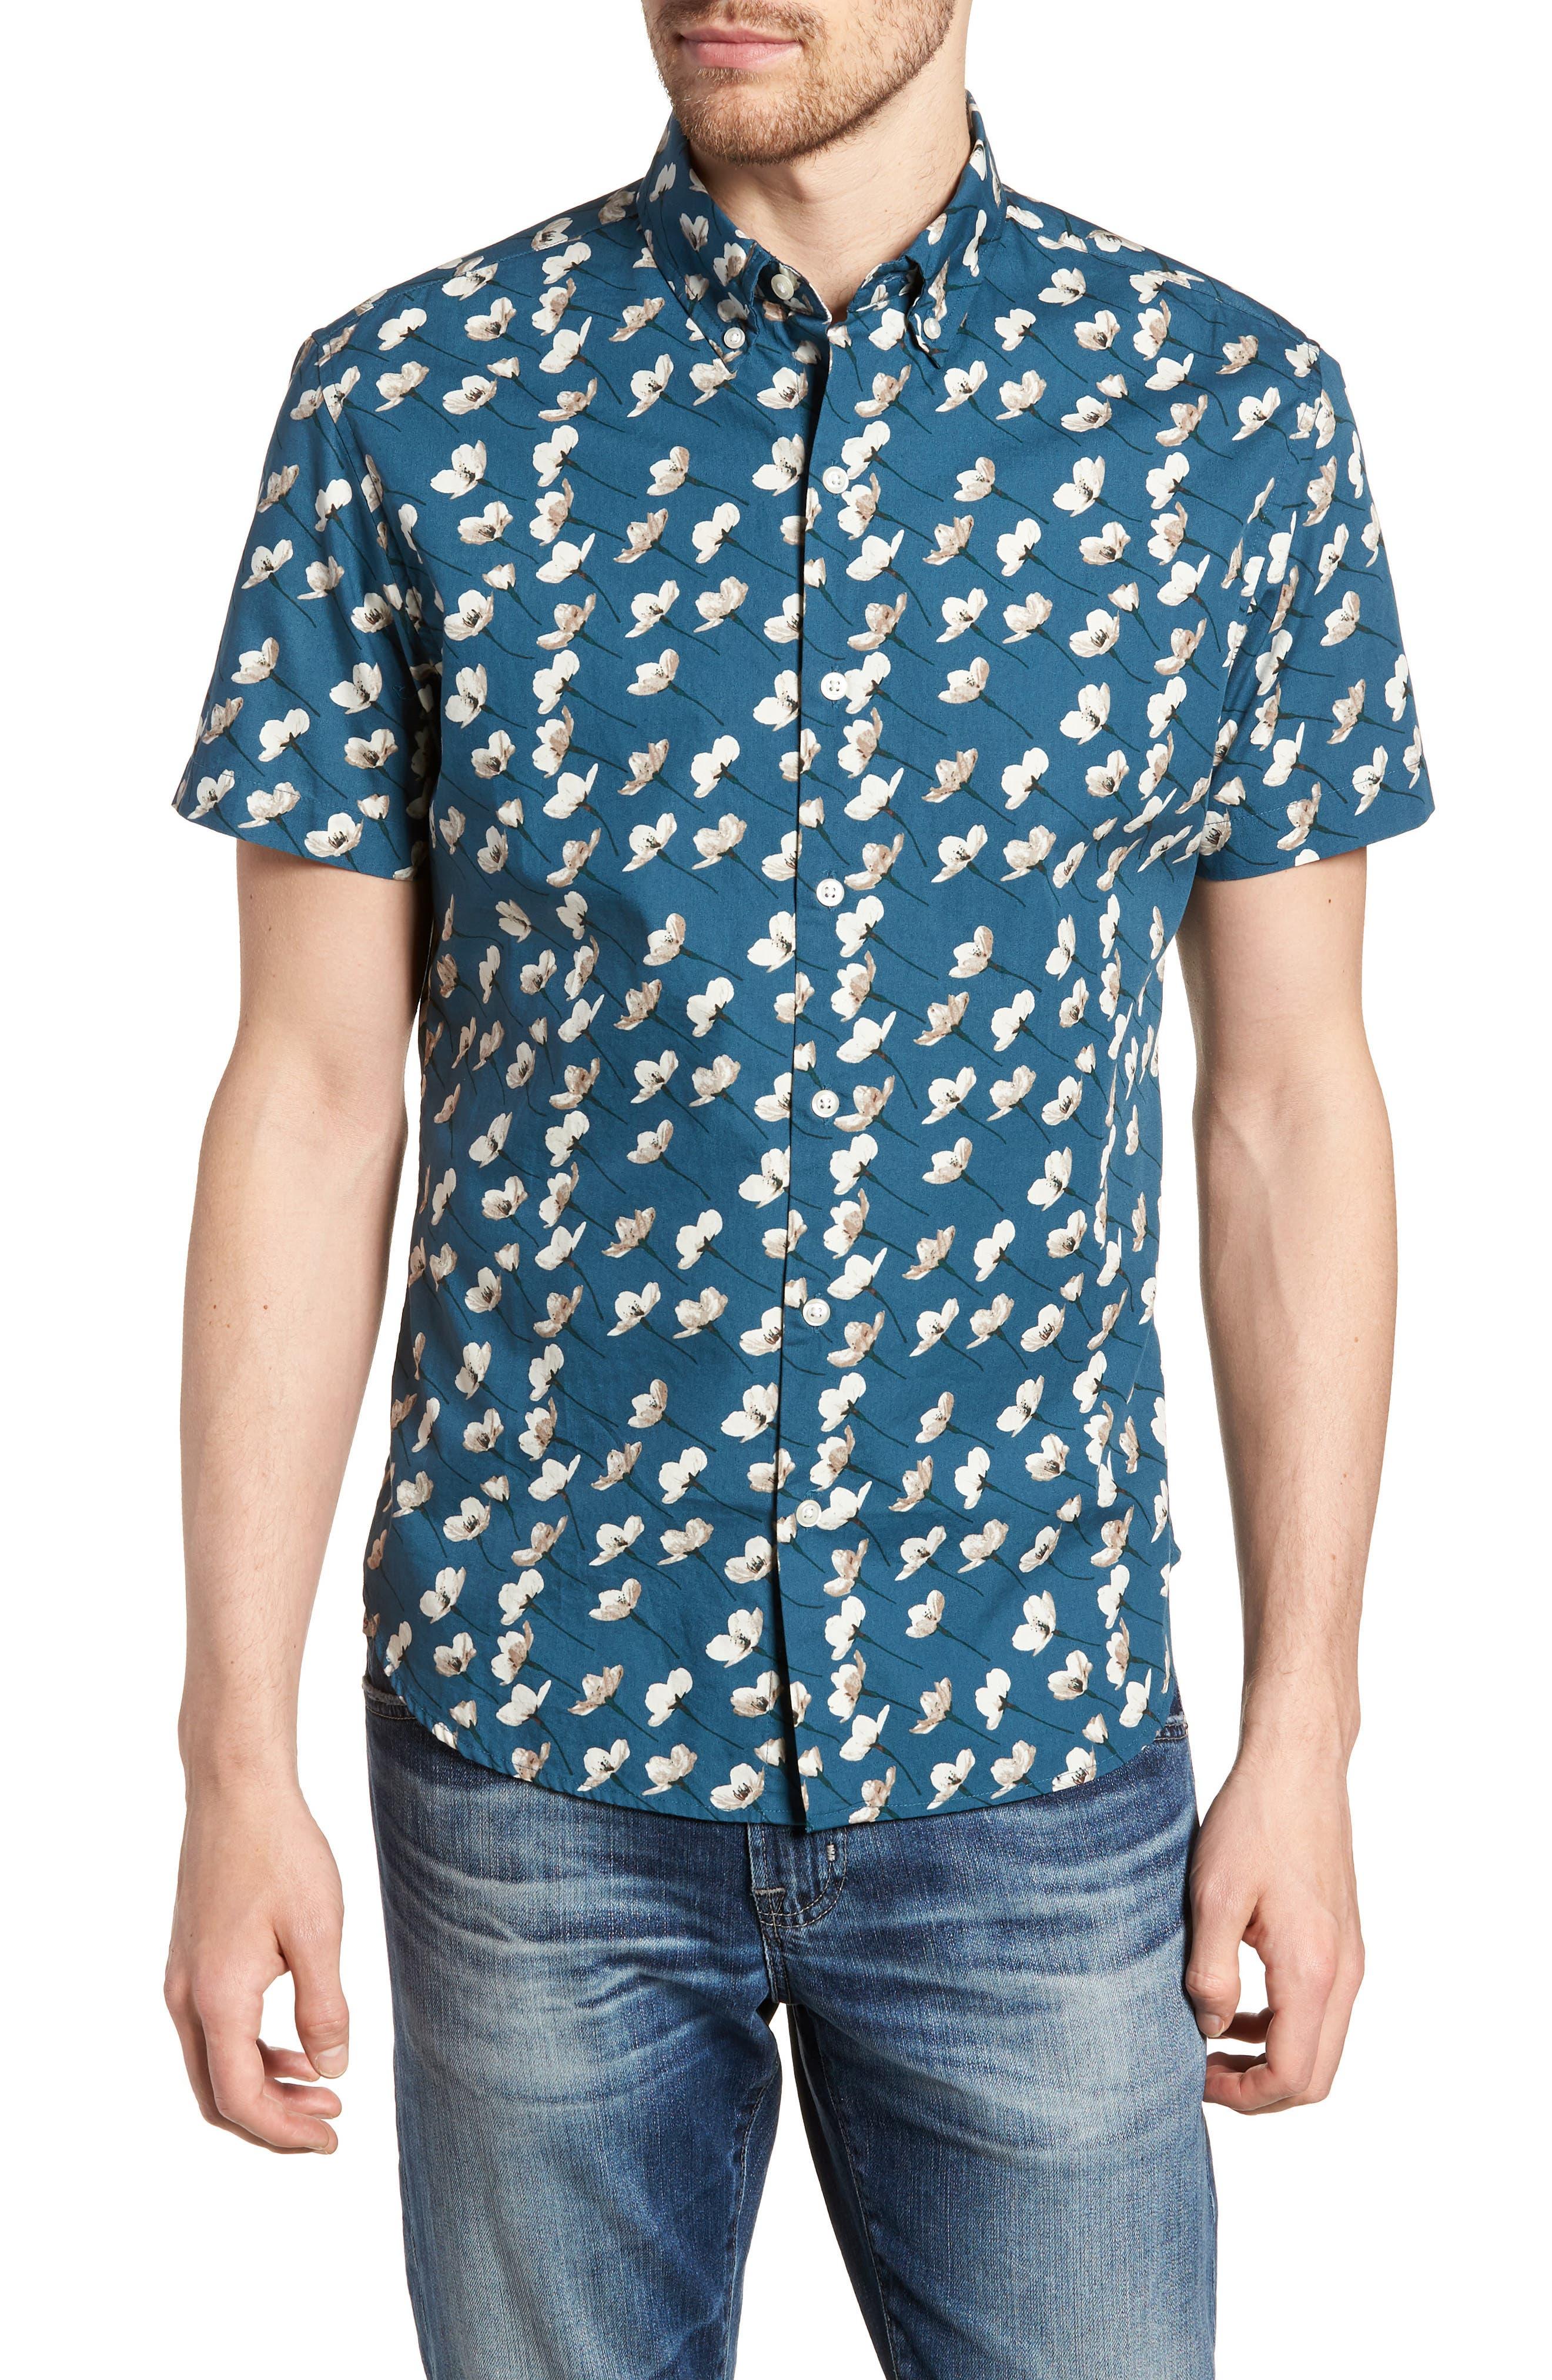 Riviera Slim Fit Cherry Blossom Print Sport Shirt,                             Main thumbnail 1, color,                             CHERRY BLOSSOMS-STARGAZER